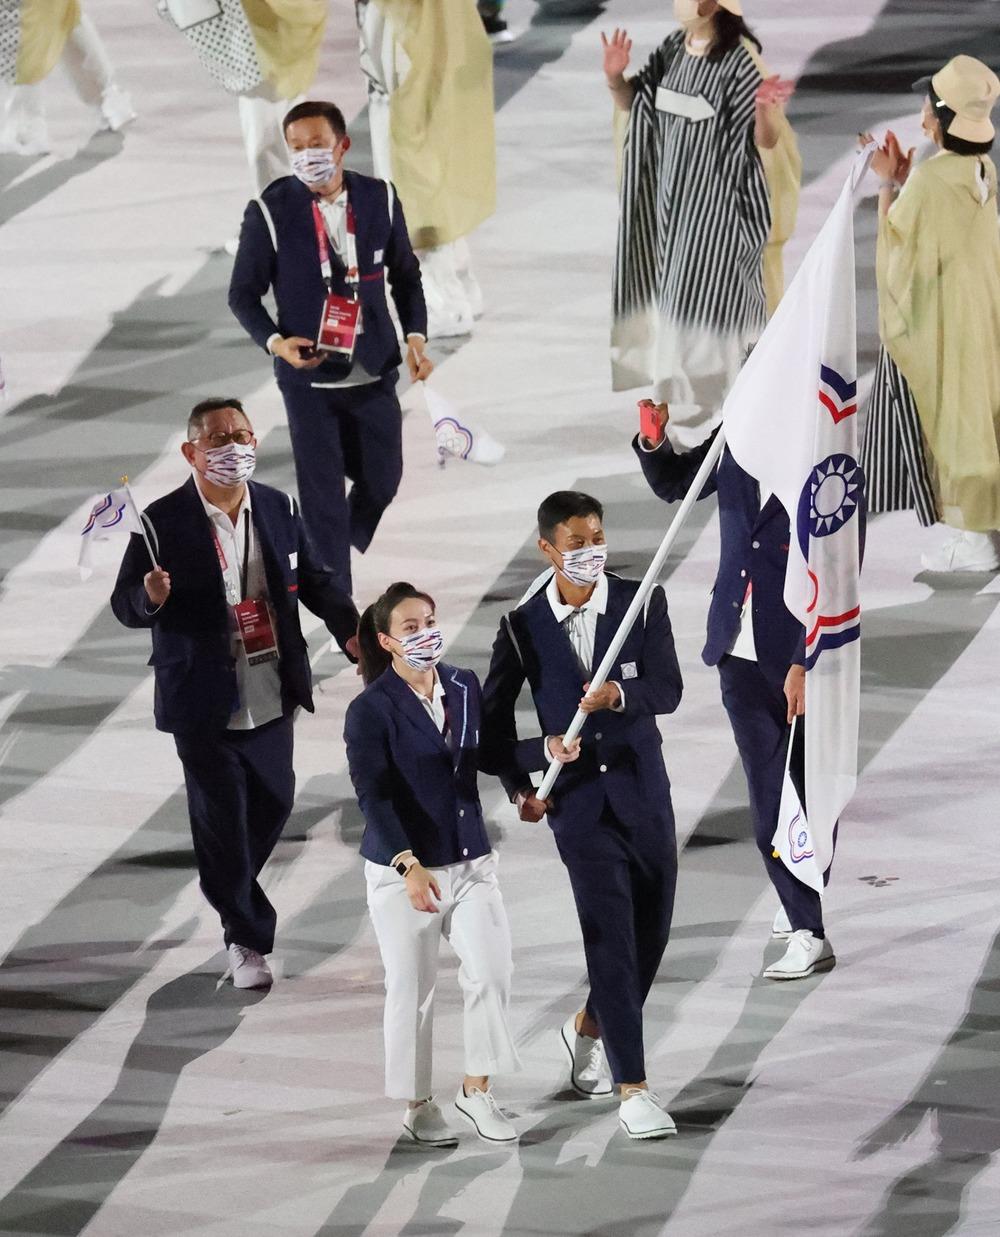 代表團由盧彥勳選手和郭婞淳選手掌旗。(體育署提供)